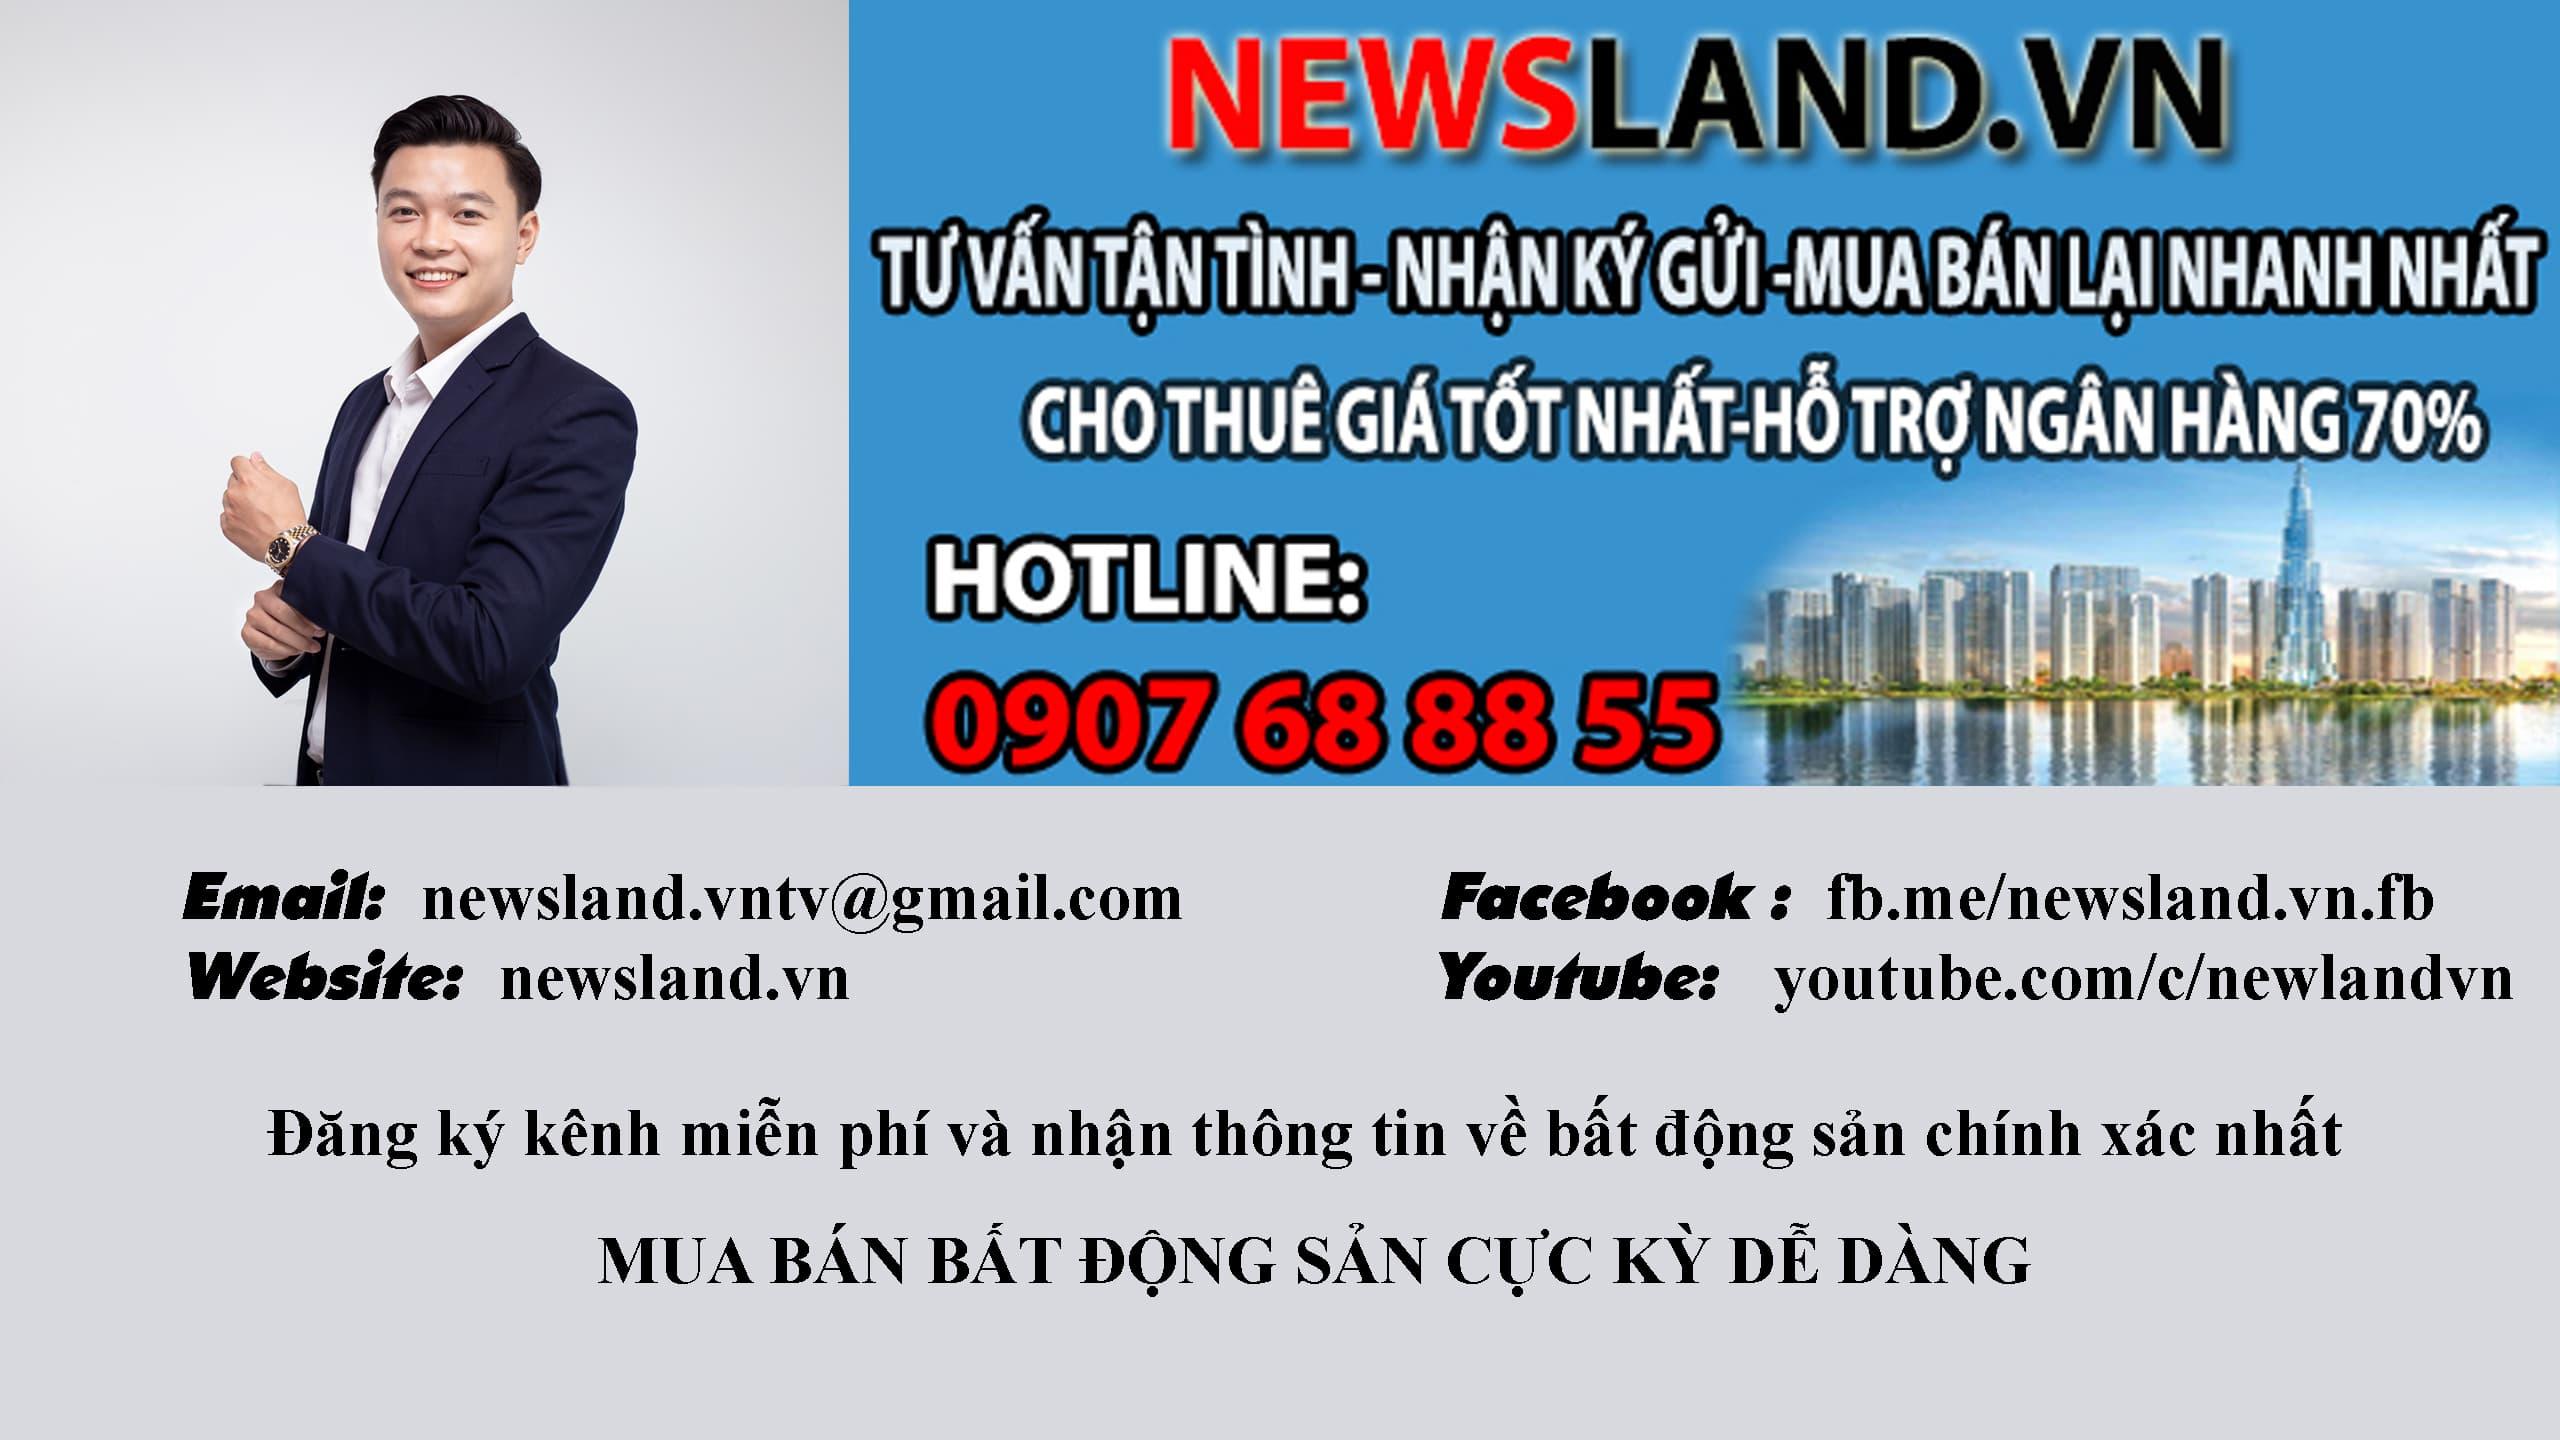 newsland.vn